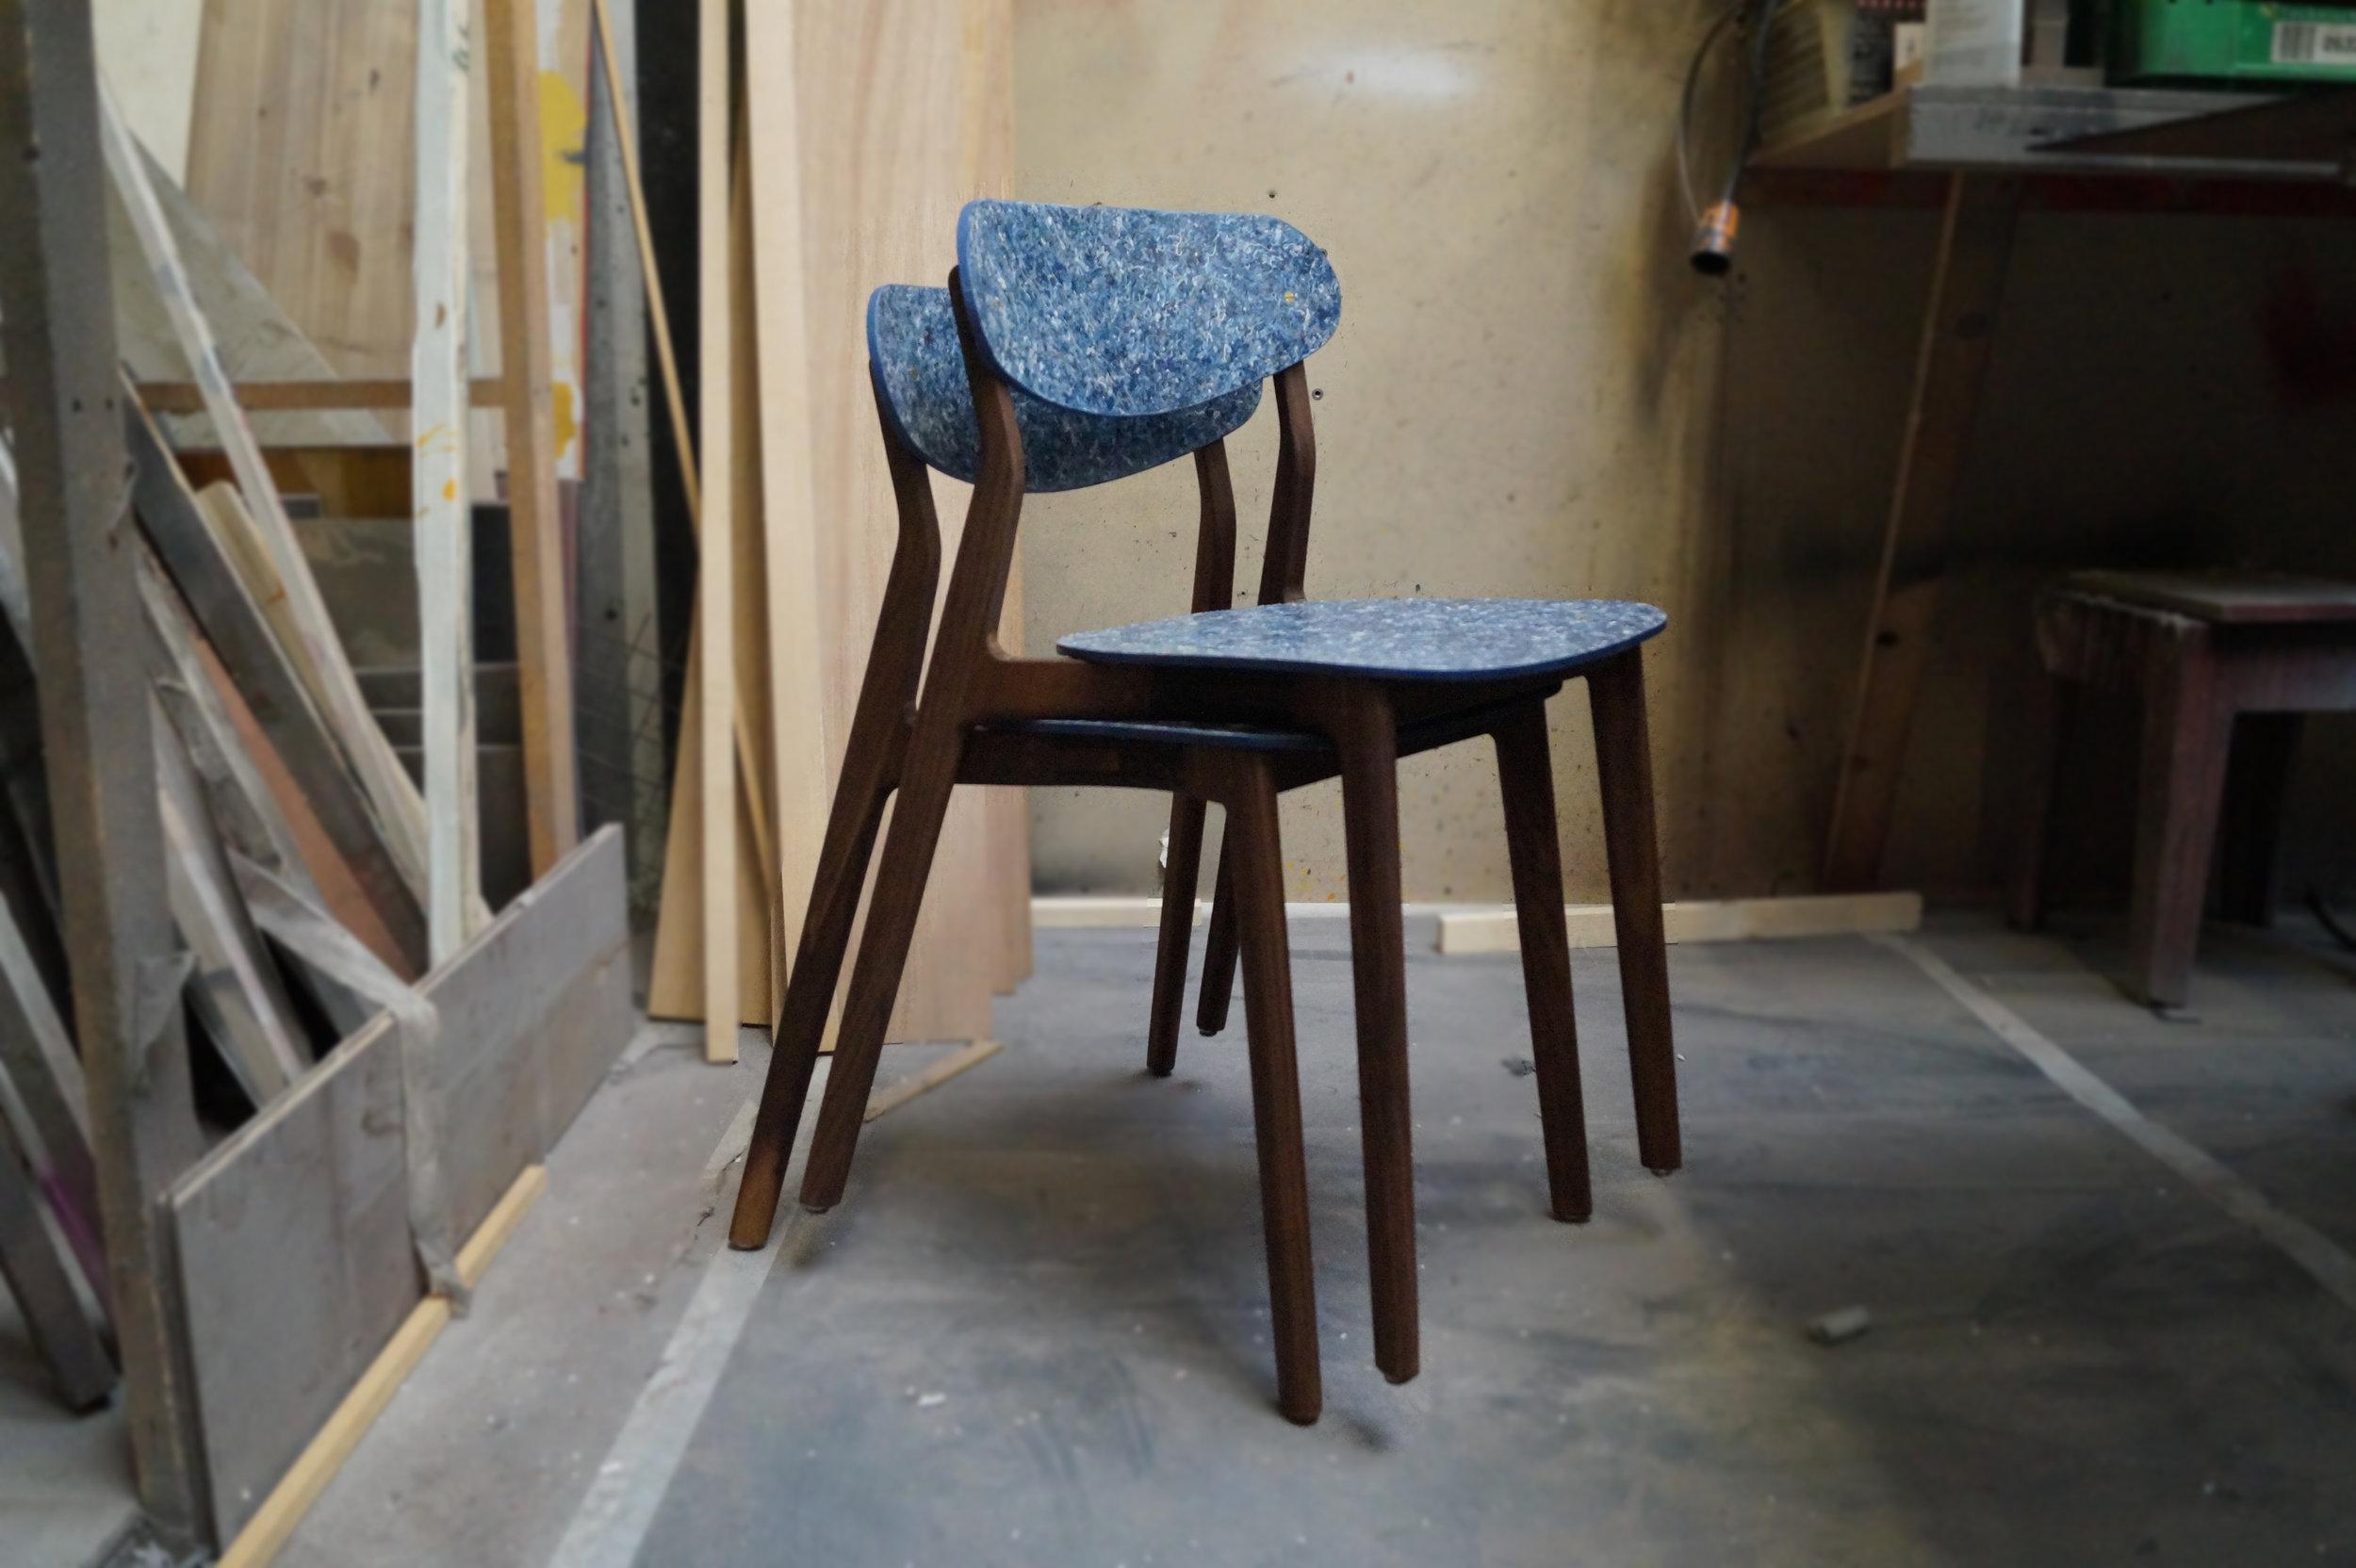 Ubu_Chair_Iso_Stacked_02.jpg